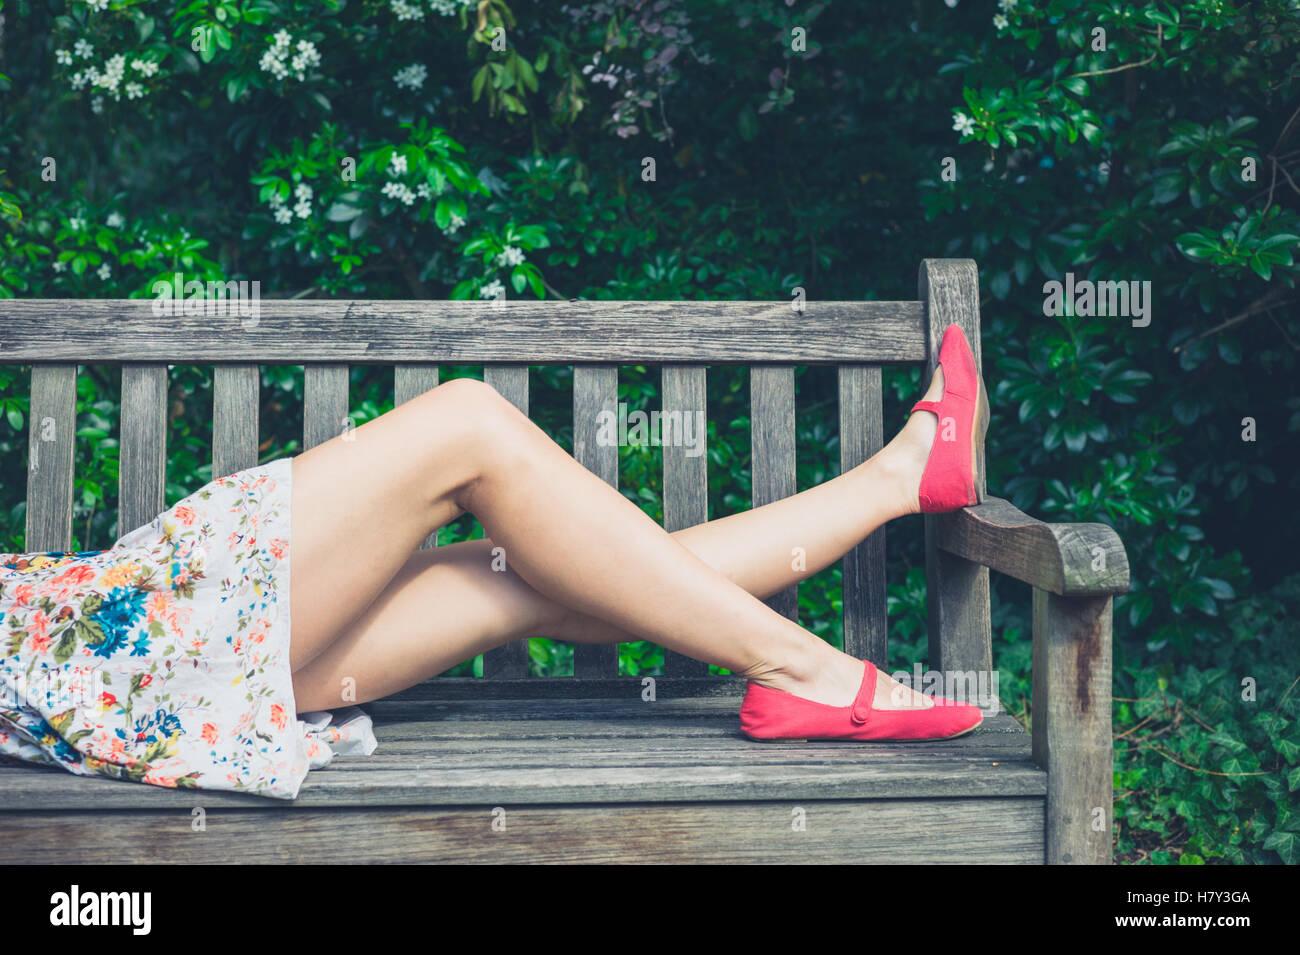 Una giovane donna che indossa un vestito estivo è rilassante su una panchina nel parco in una giornata di sole Immagini Stock